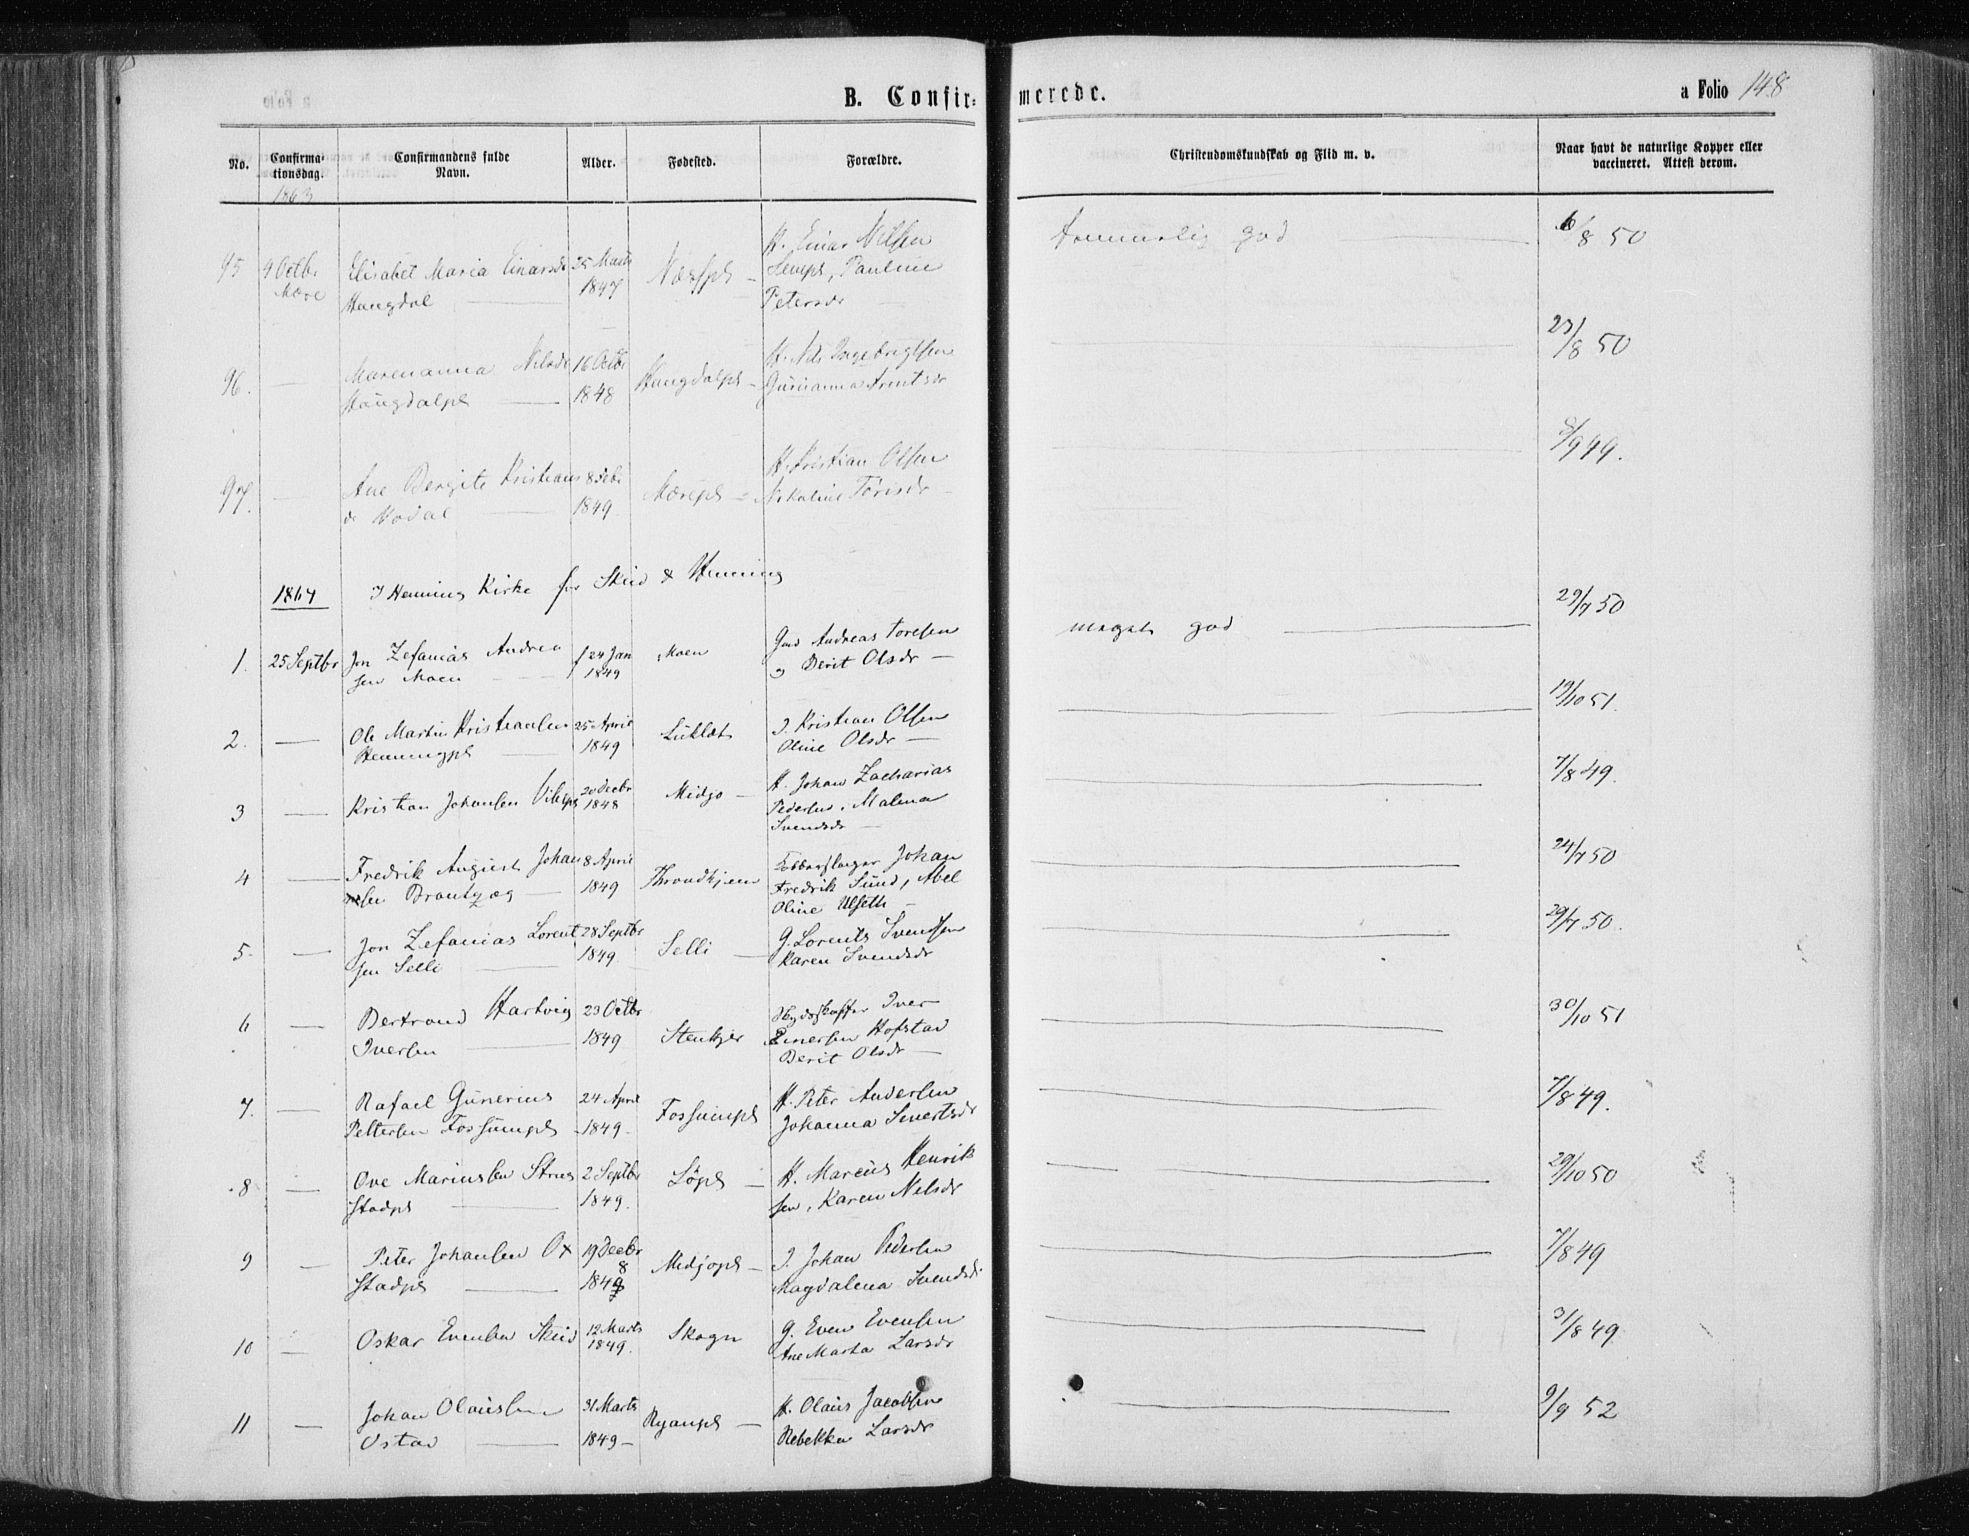 SAT, Ministerialprotokoller, klokkerbøker og fødselsregistre - Nord-Trøndelag, 735/L0345: Ministerialbok nr. 735A08 /1, 1863-1872, s. 148